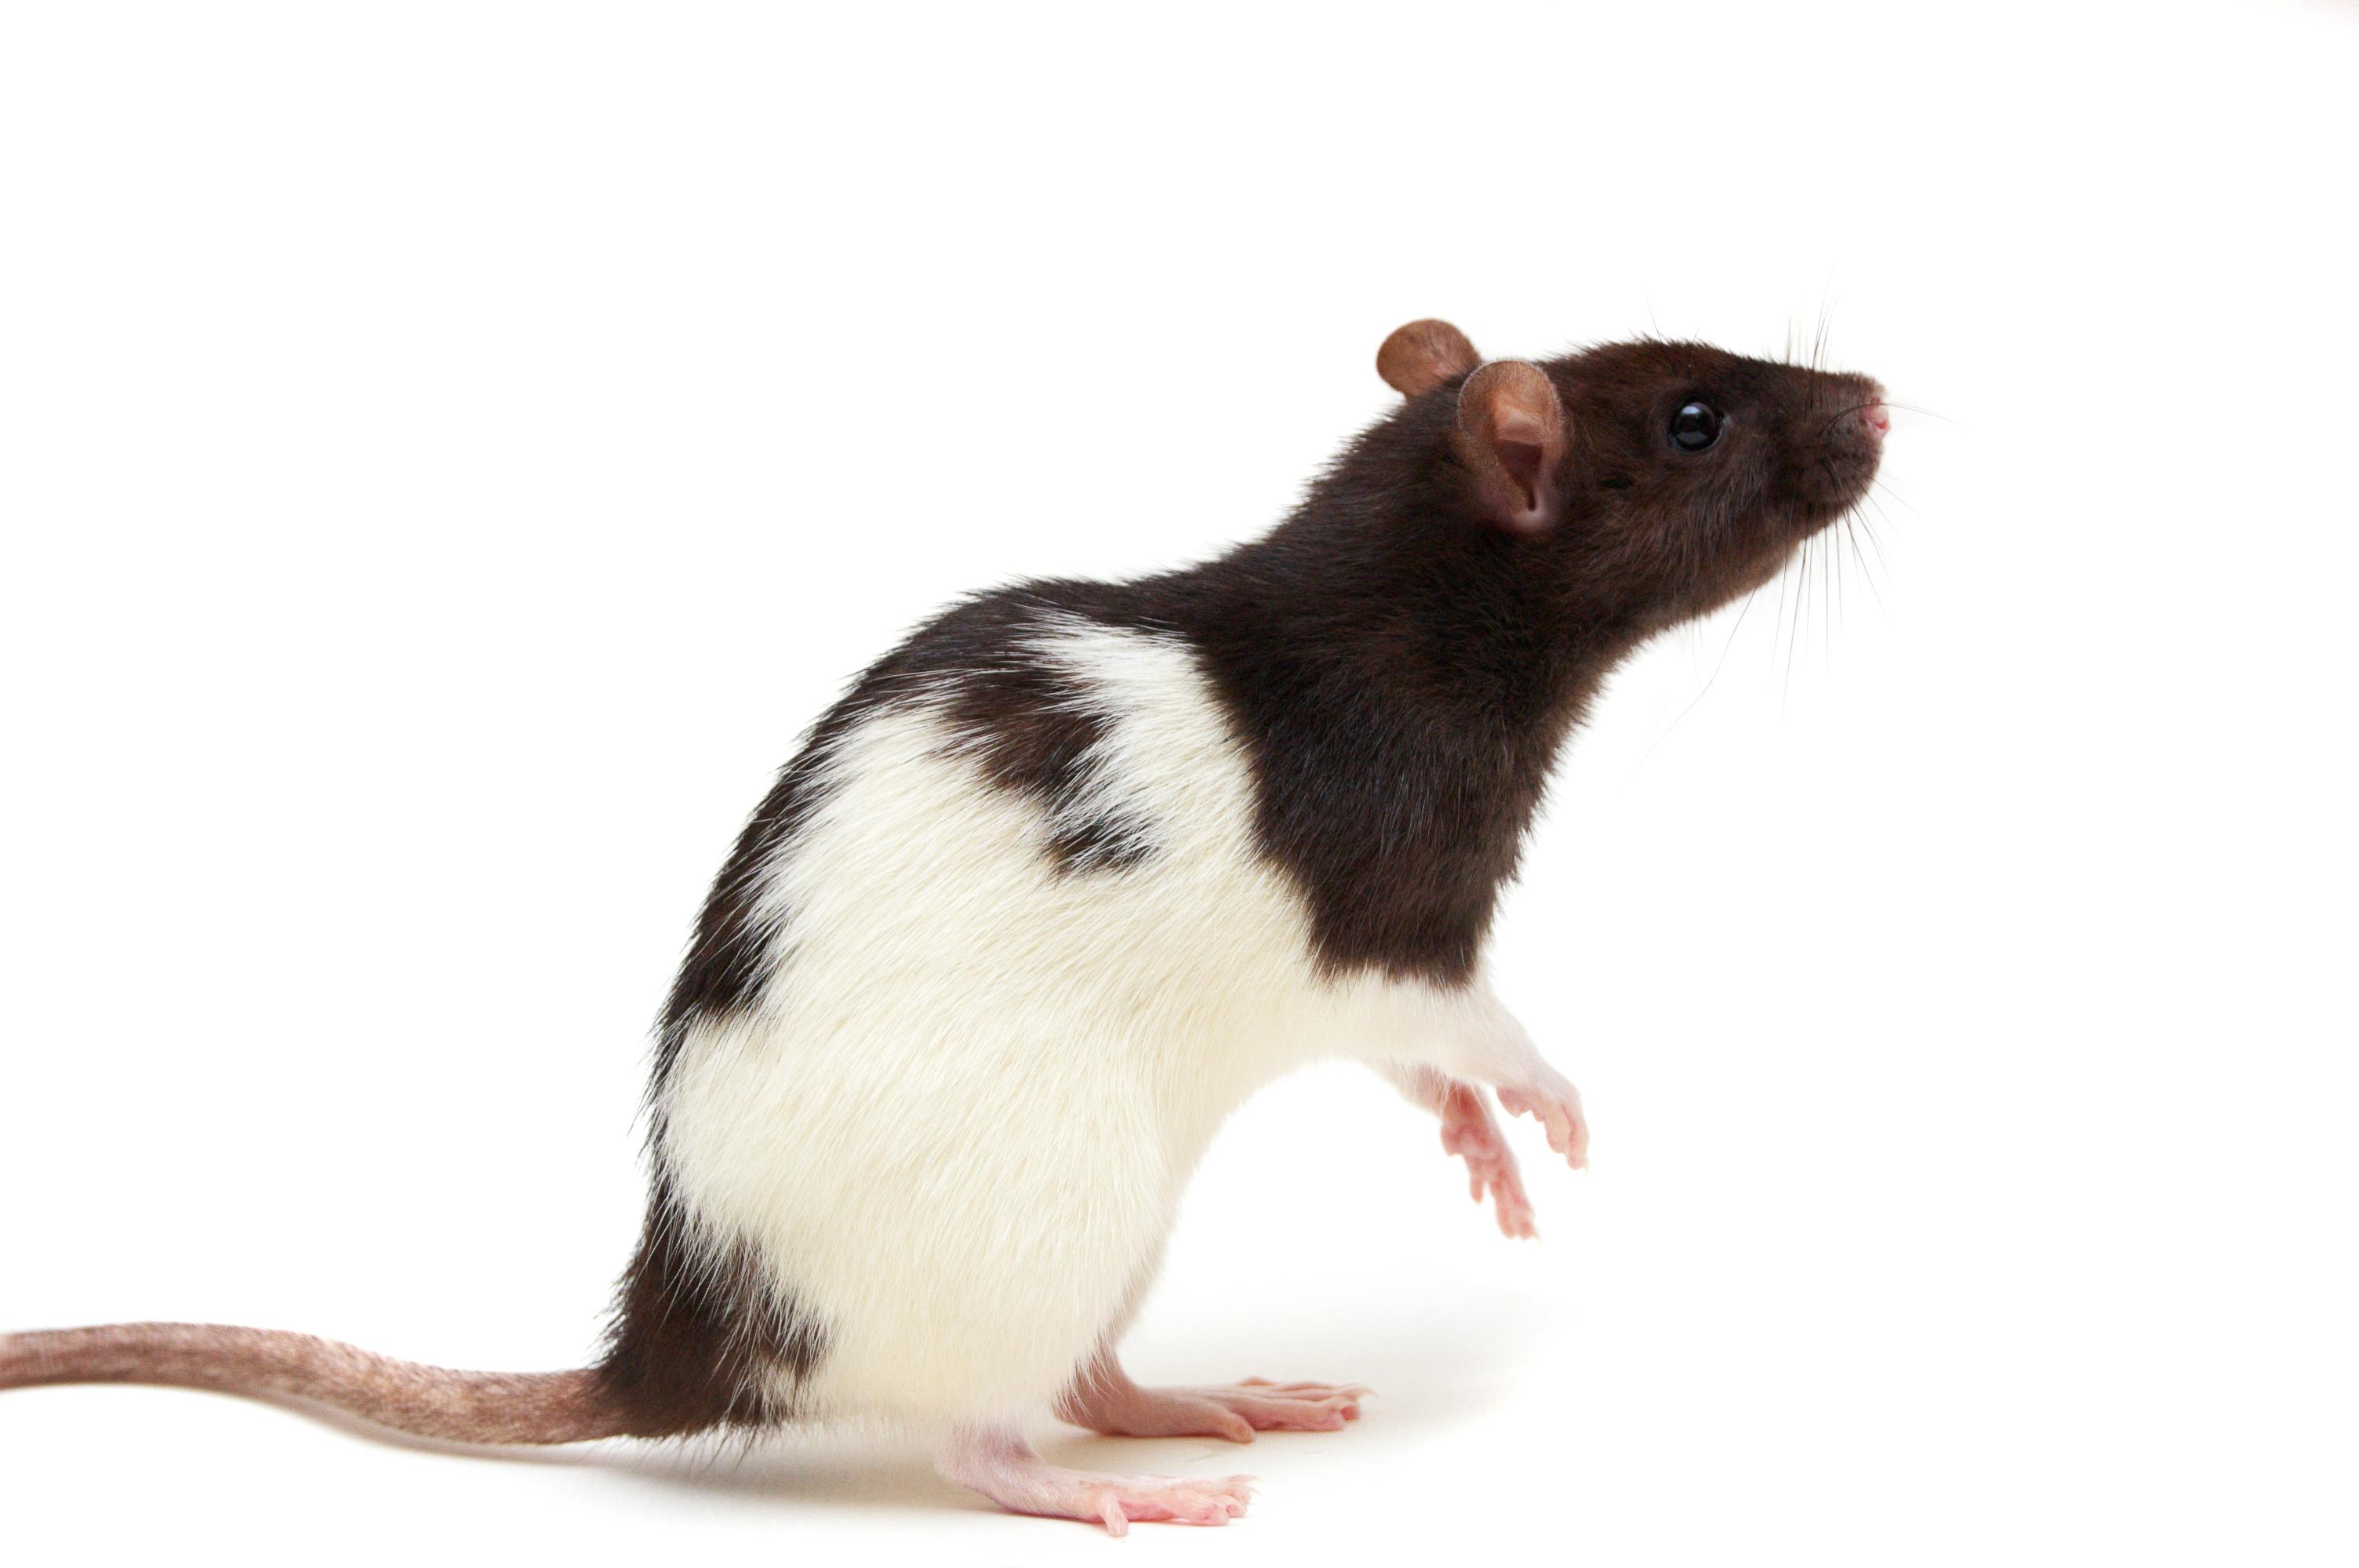 Rat Backgrounds, Compatible - PC, Mobile, Gadgets  3008x2000 px